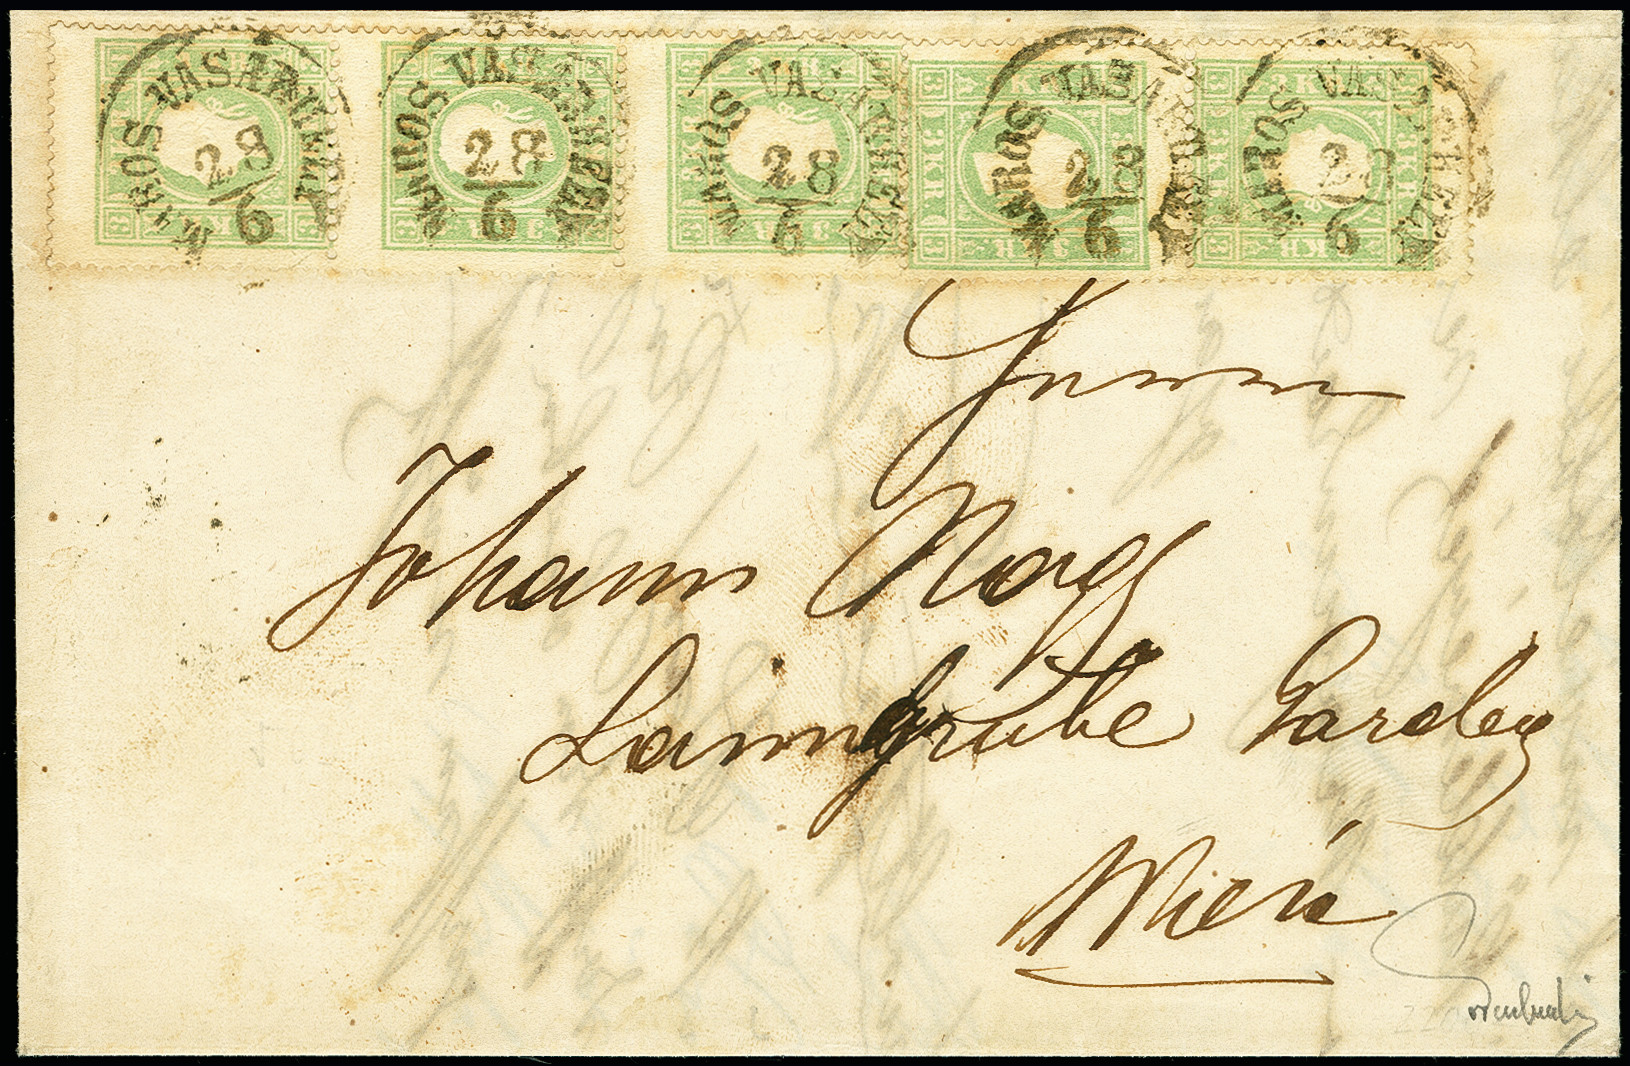 Lot 1022 - europa Austria -  Heinrich Koehler Auktionen 375rd Heinrich Köhler auction - Day 1